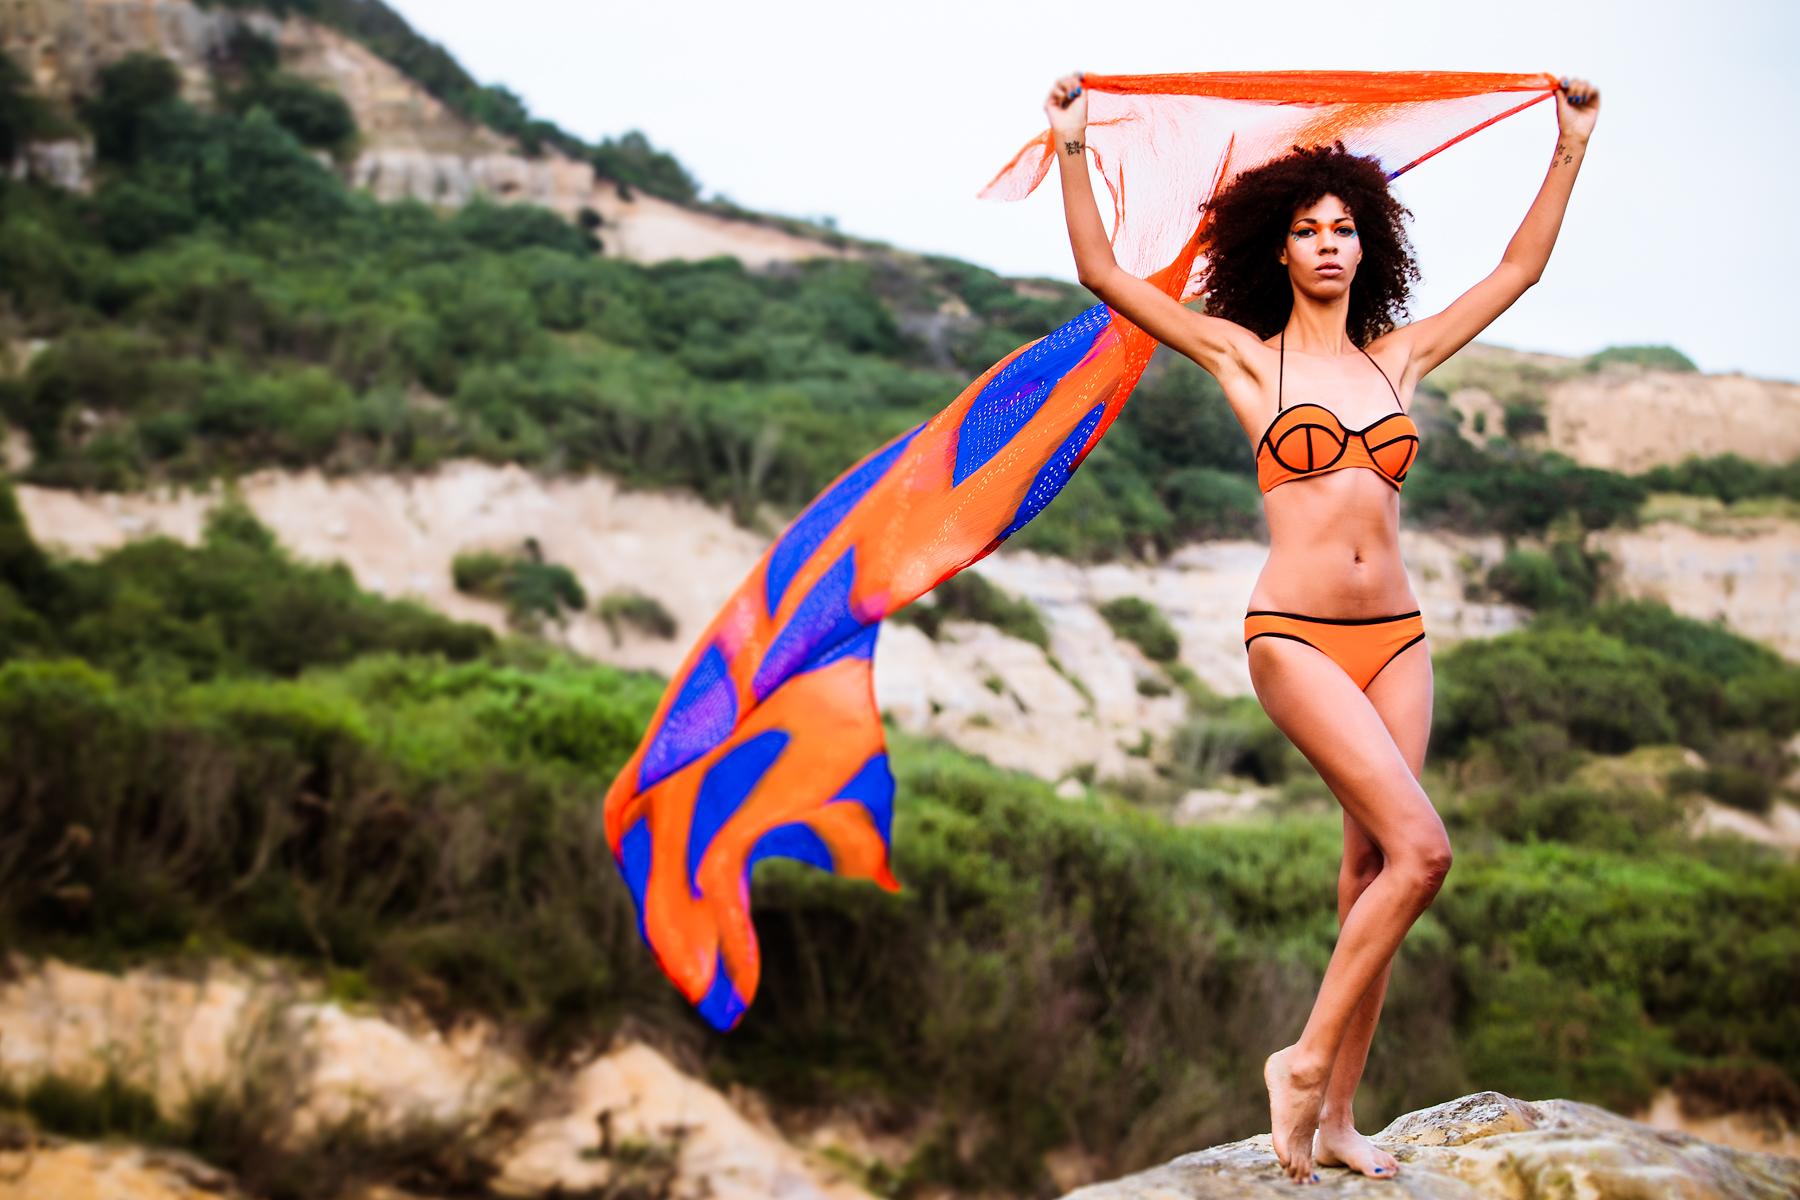 Amazonian Woman